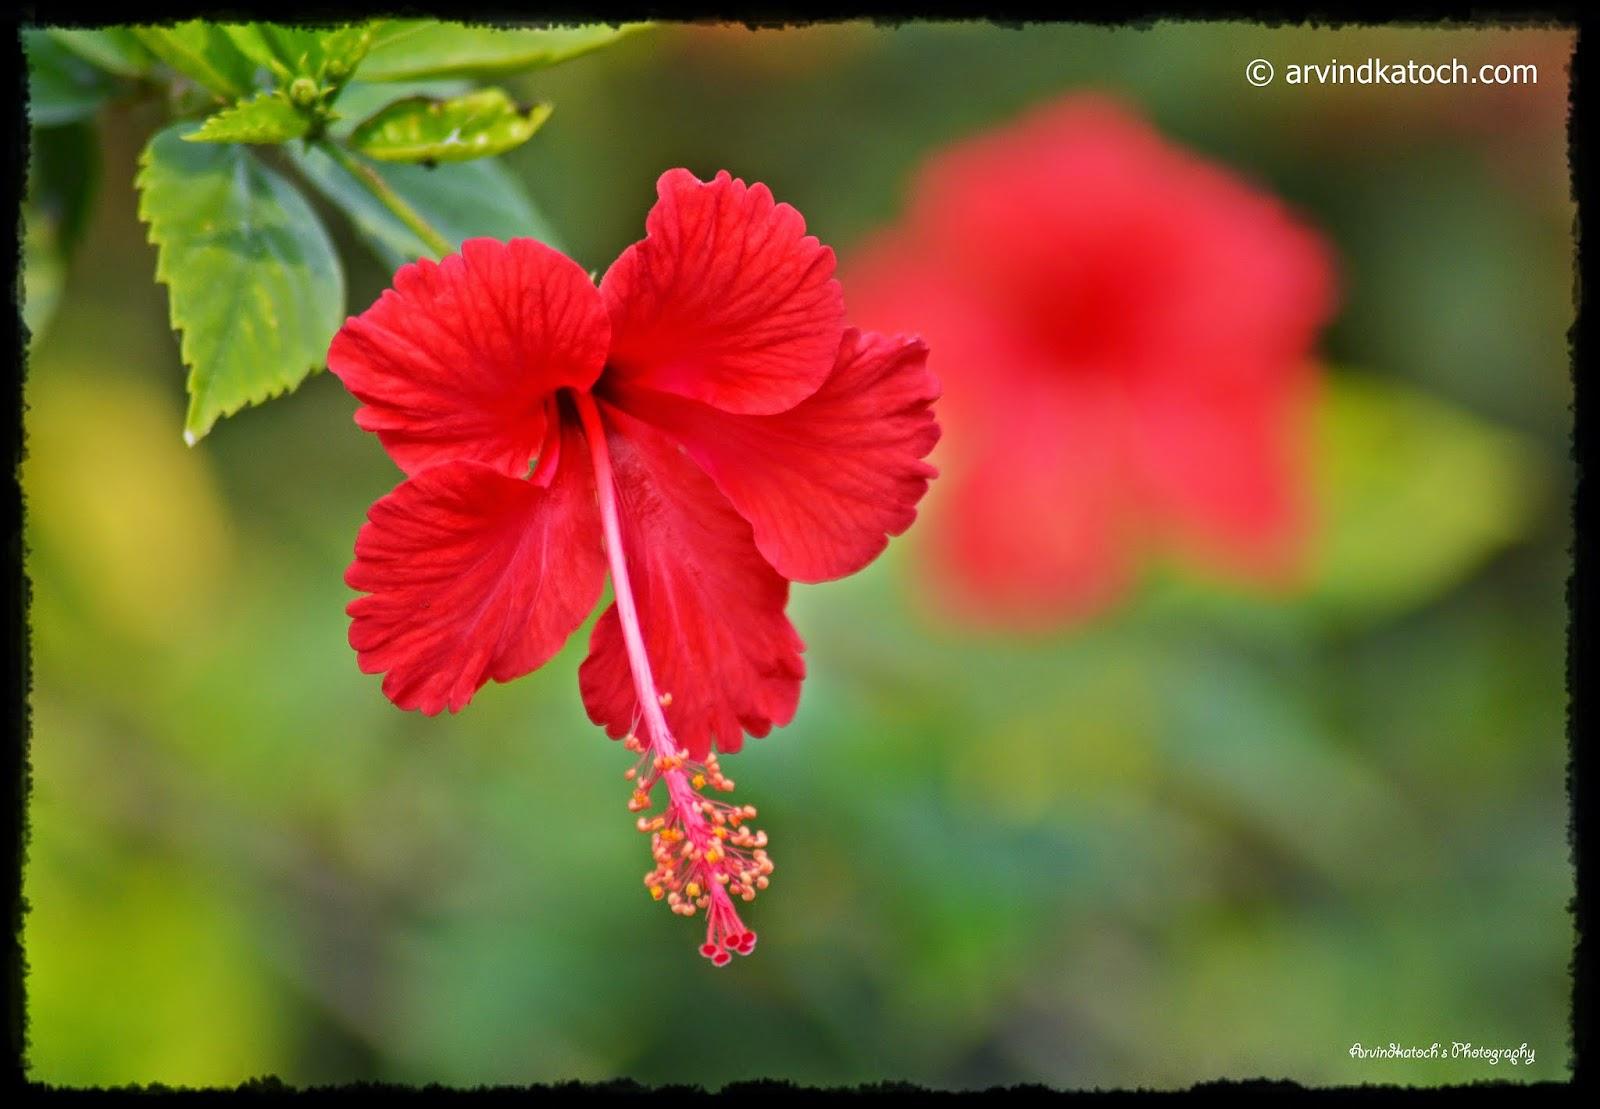 Hibiscus, Flower, Red Flower, Garden Flower